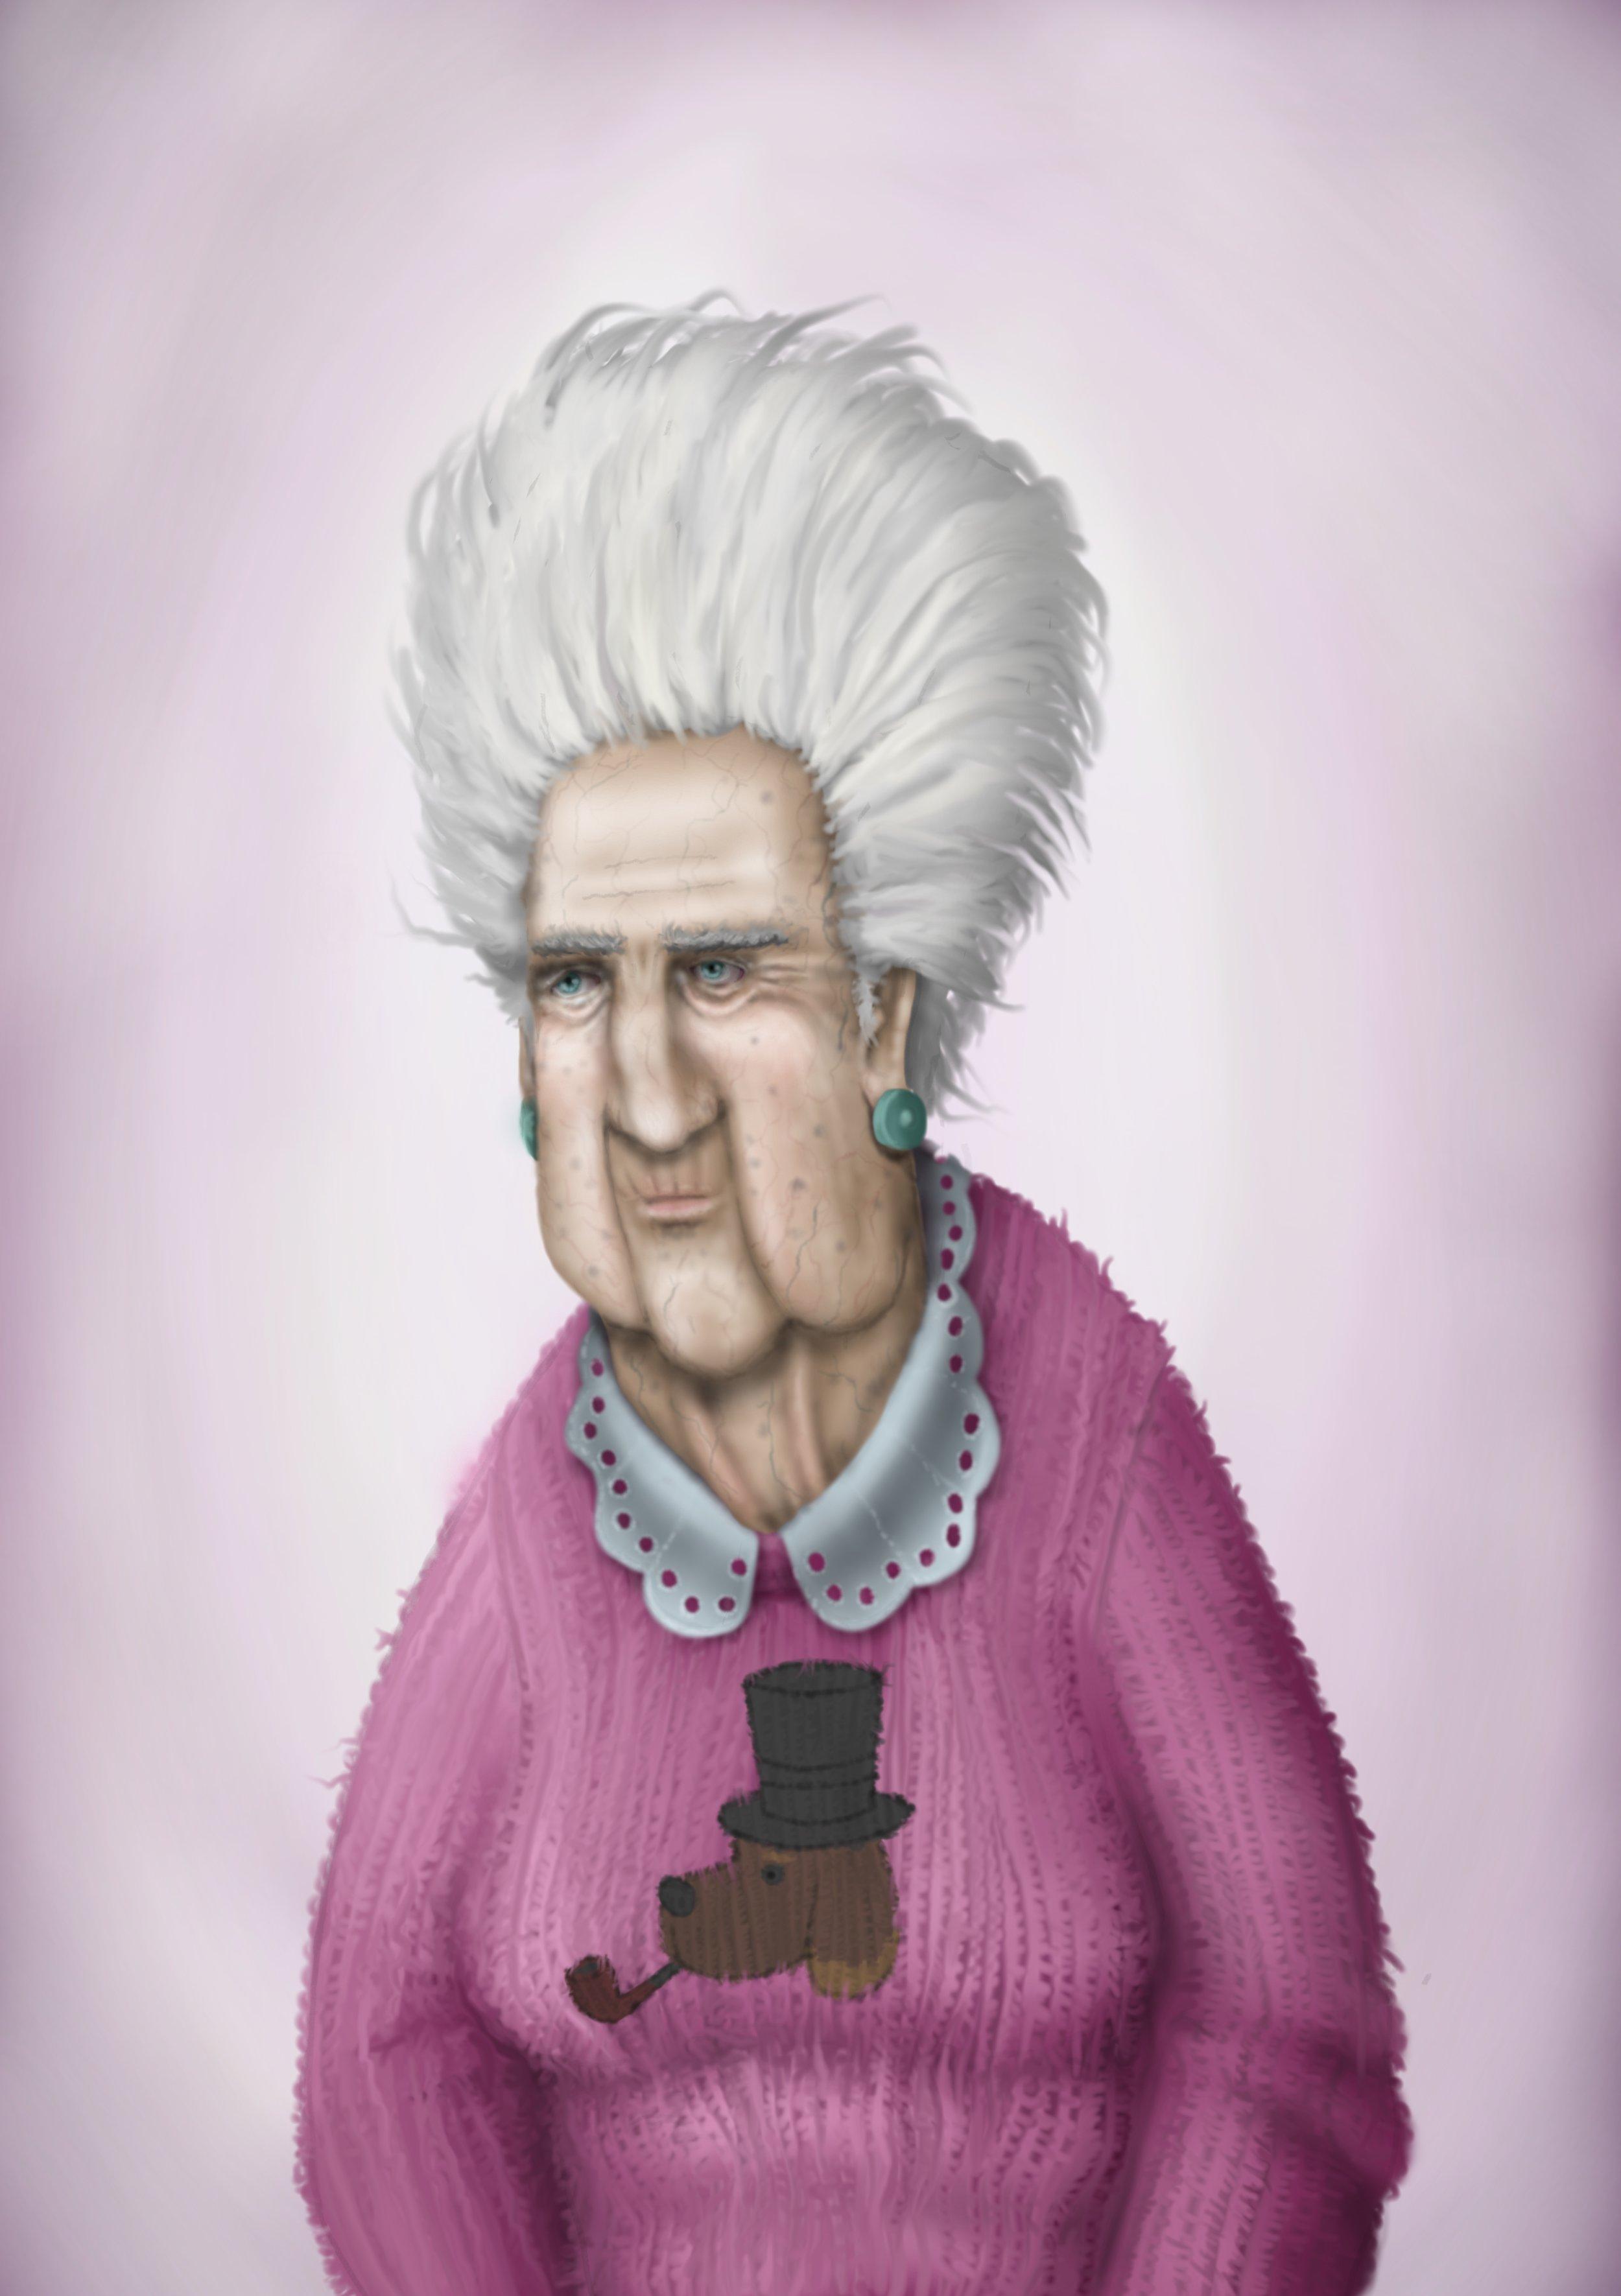 An_Older_Woman.jpg